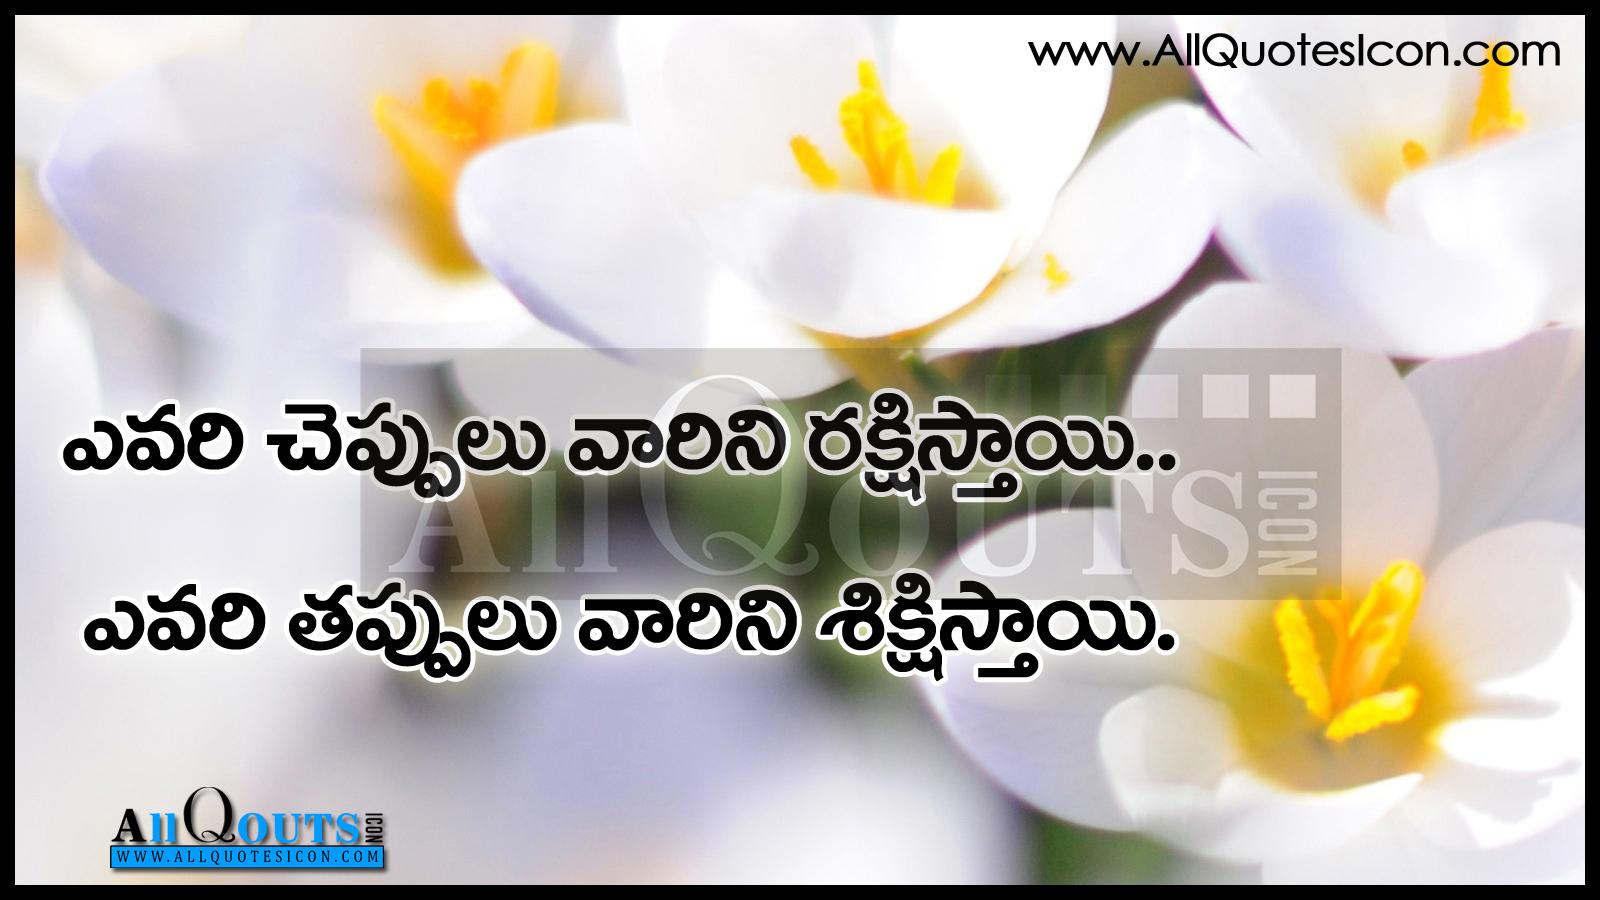 Telugu Manchi Maatalu Images Nice Telugu Inspiring Life Quotations With  Nice Images Awesome Telugu Motivational